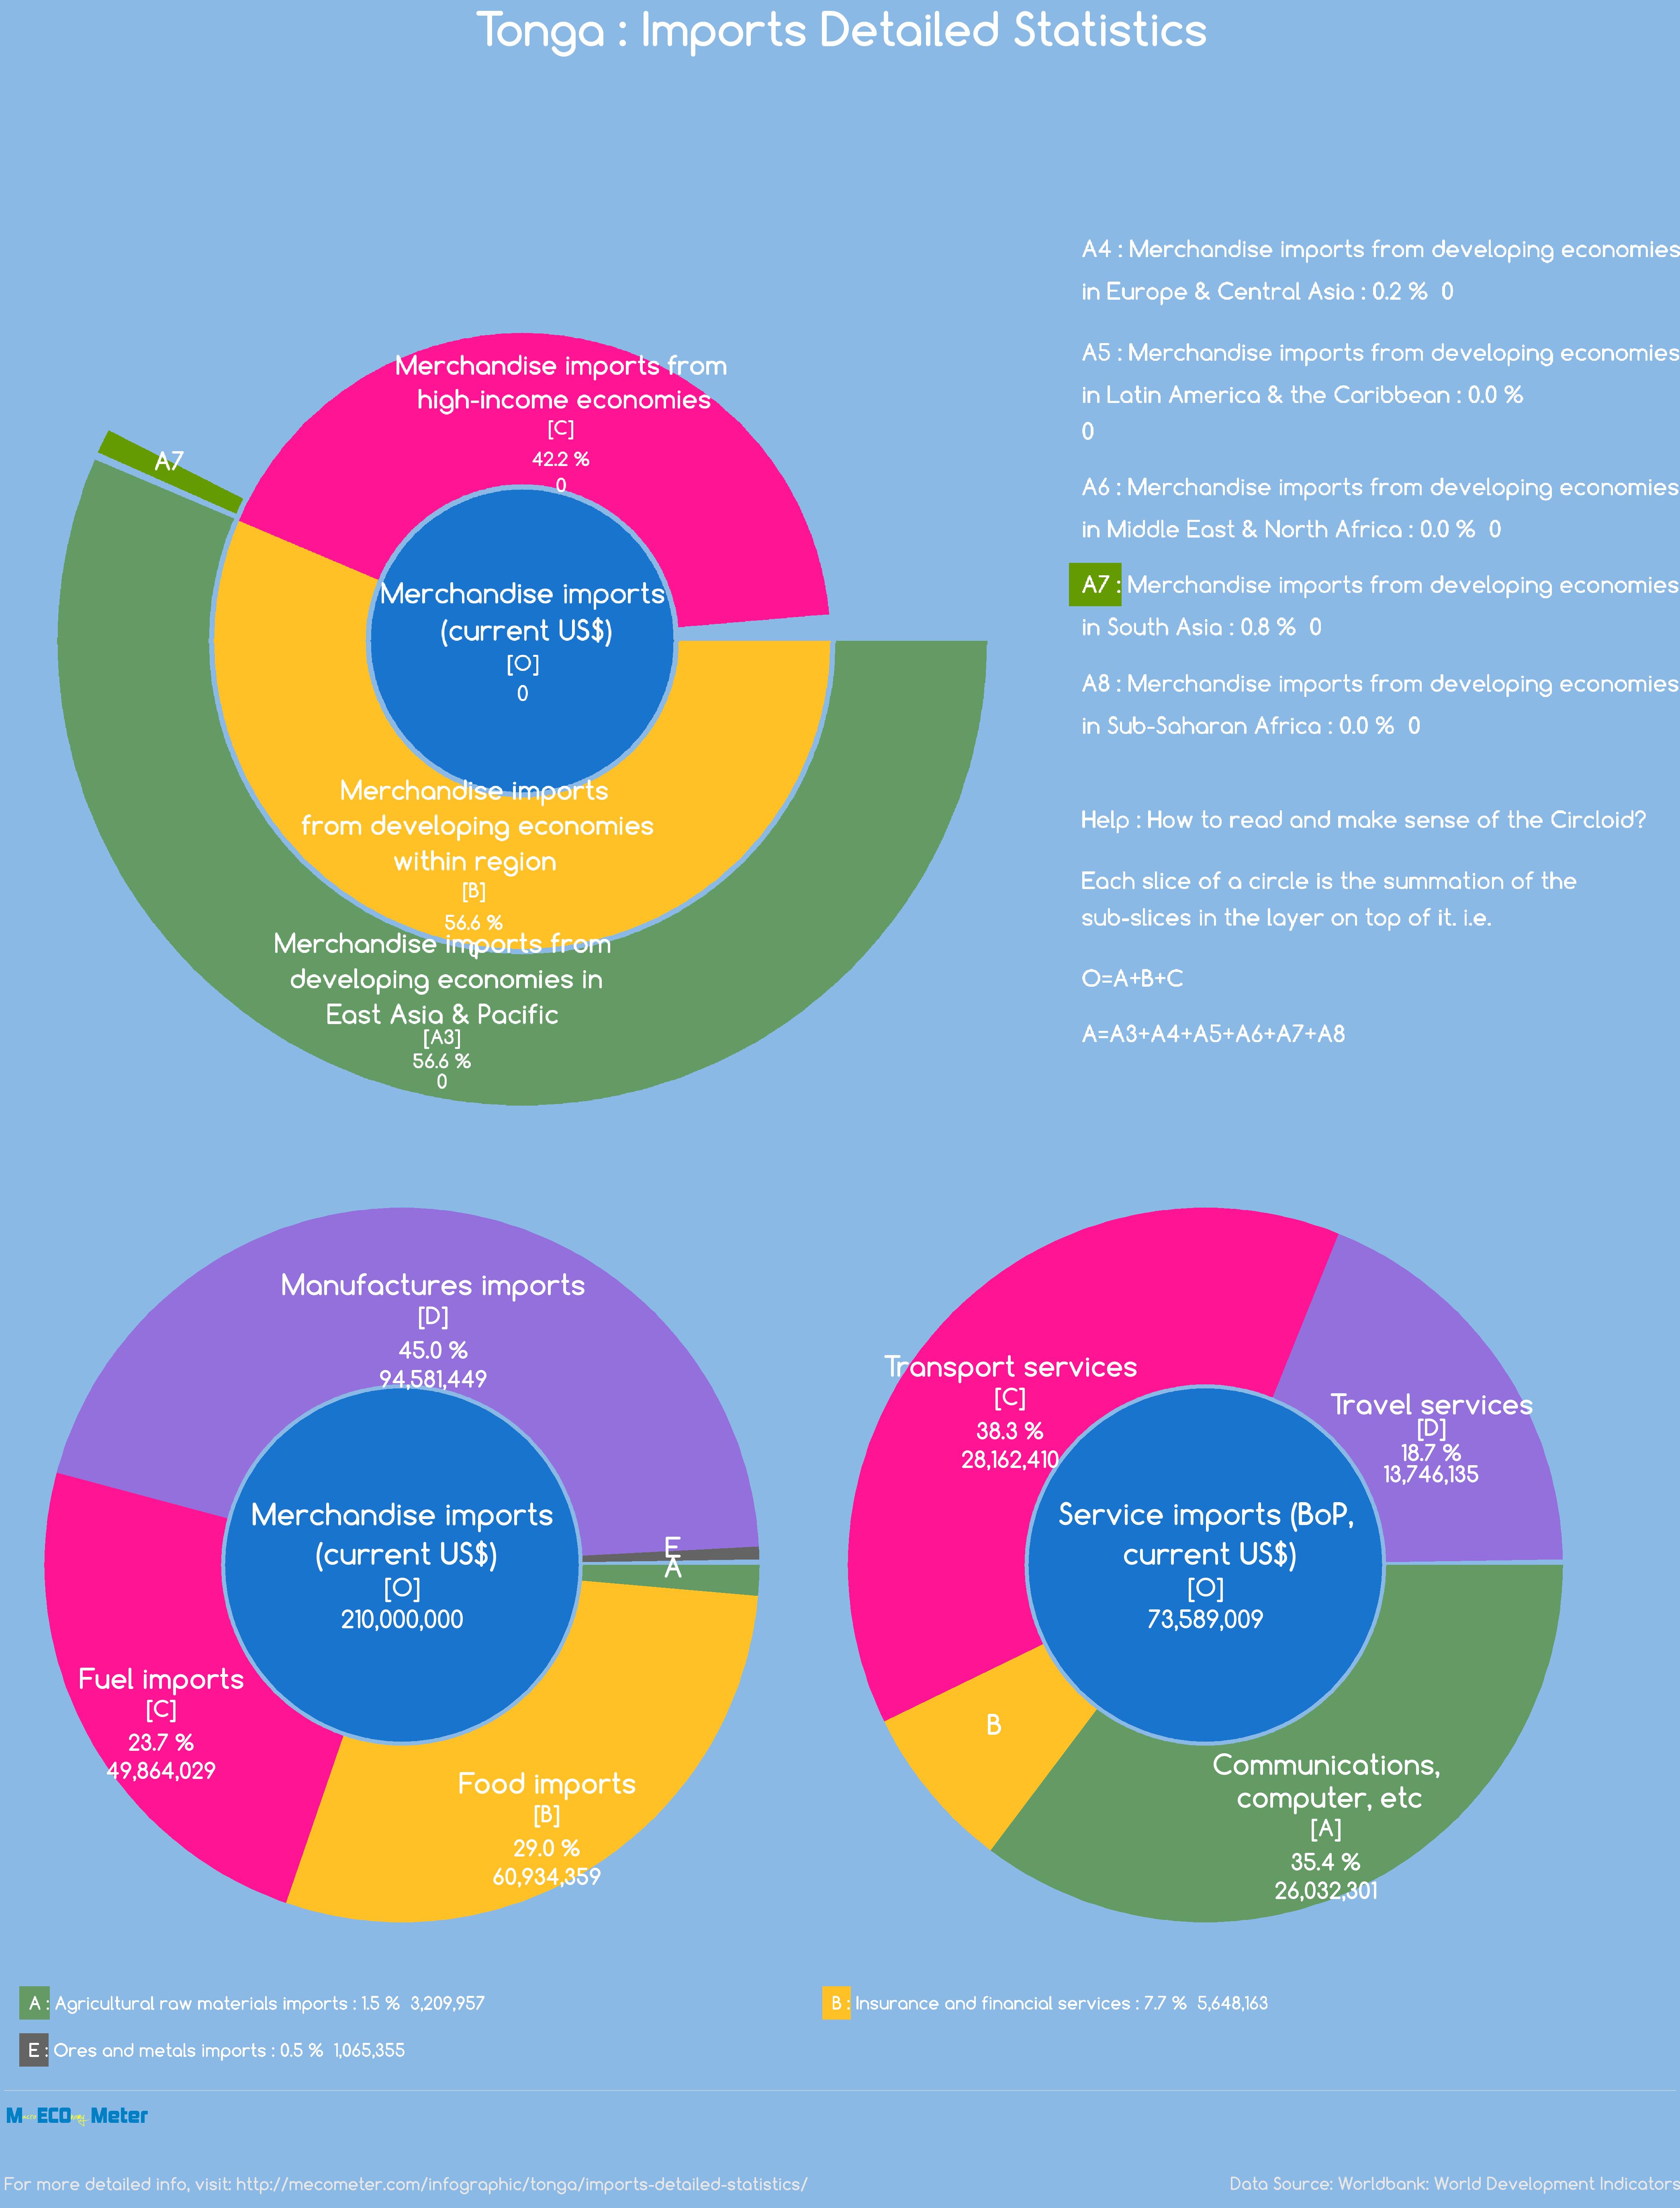 Tonga : Imports Detailed Statistics